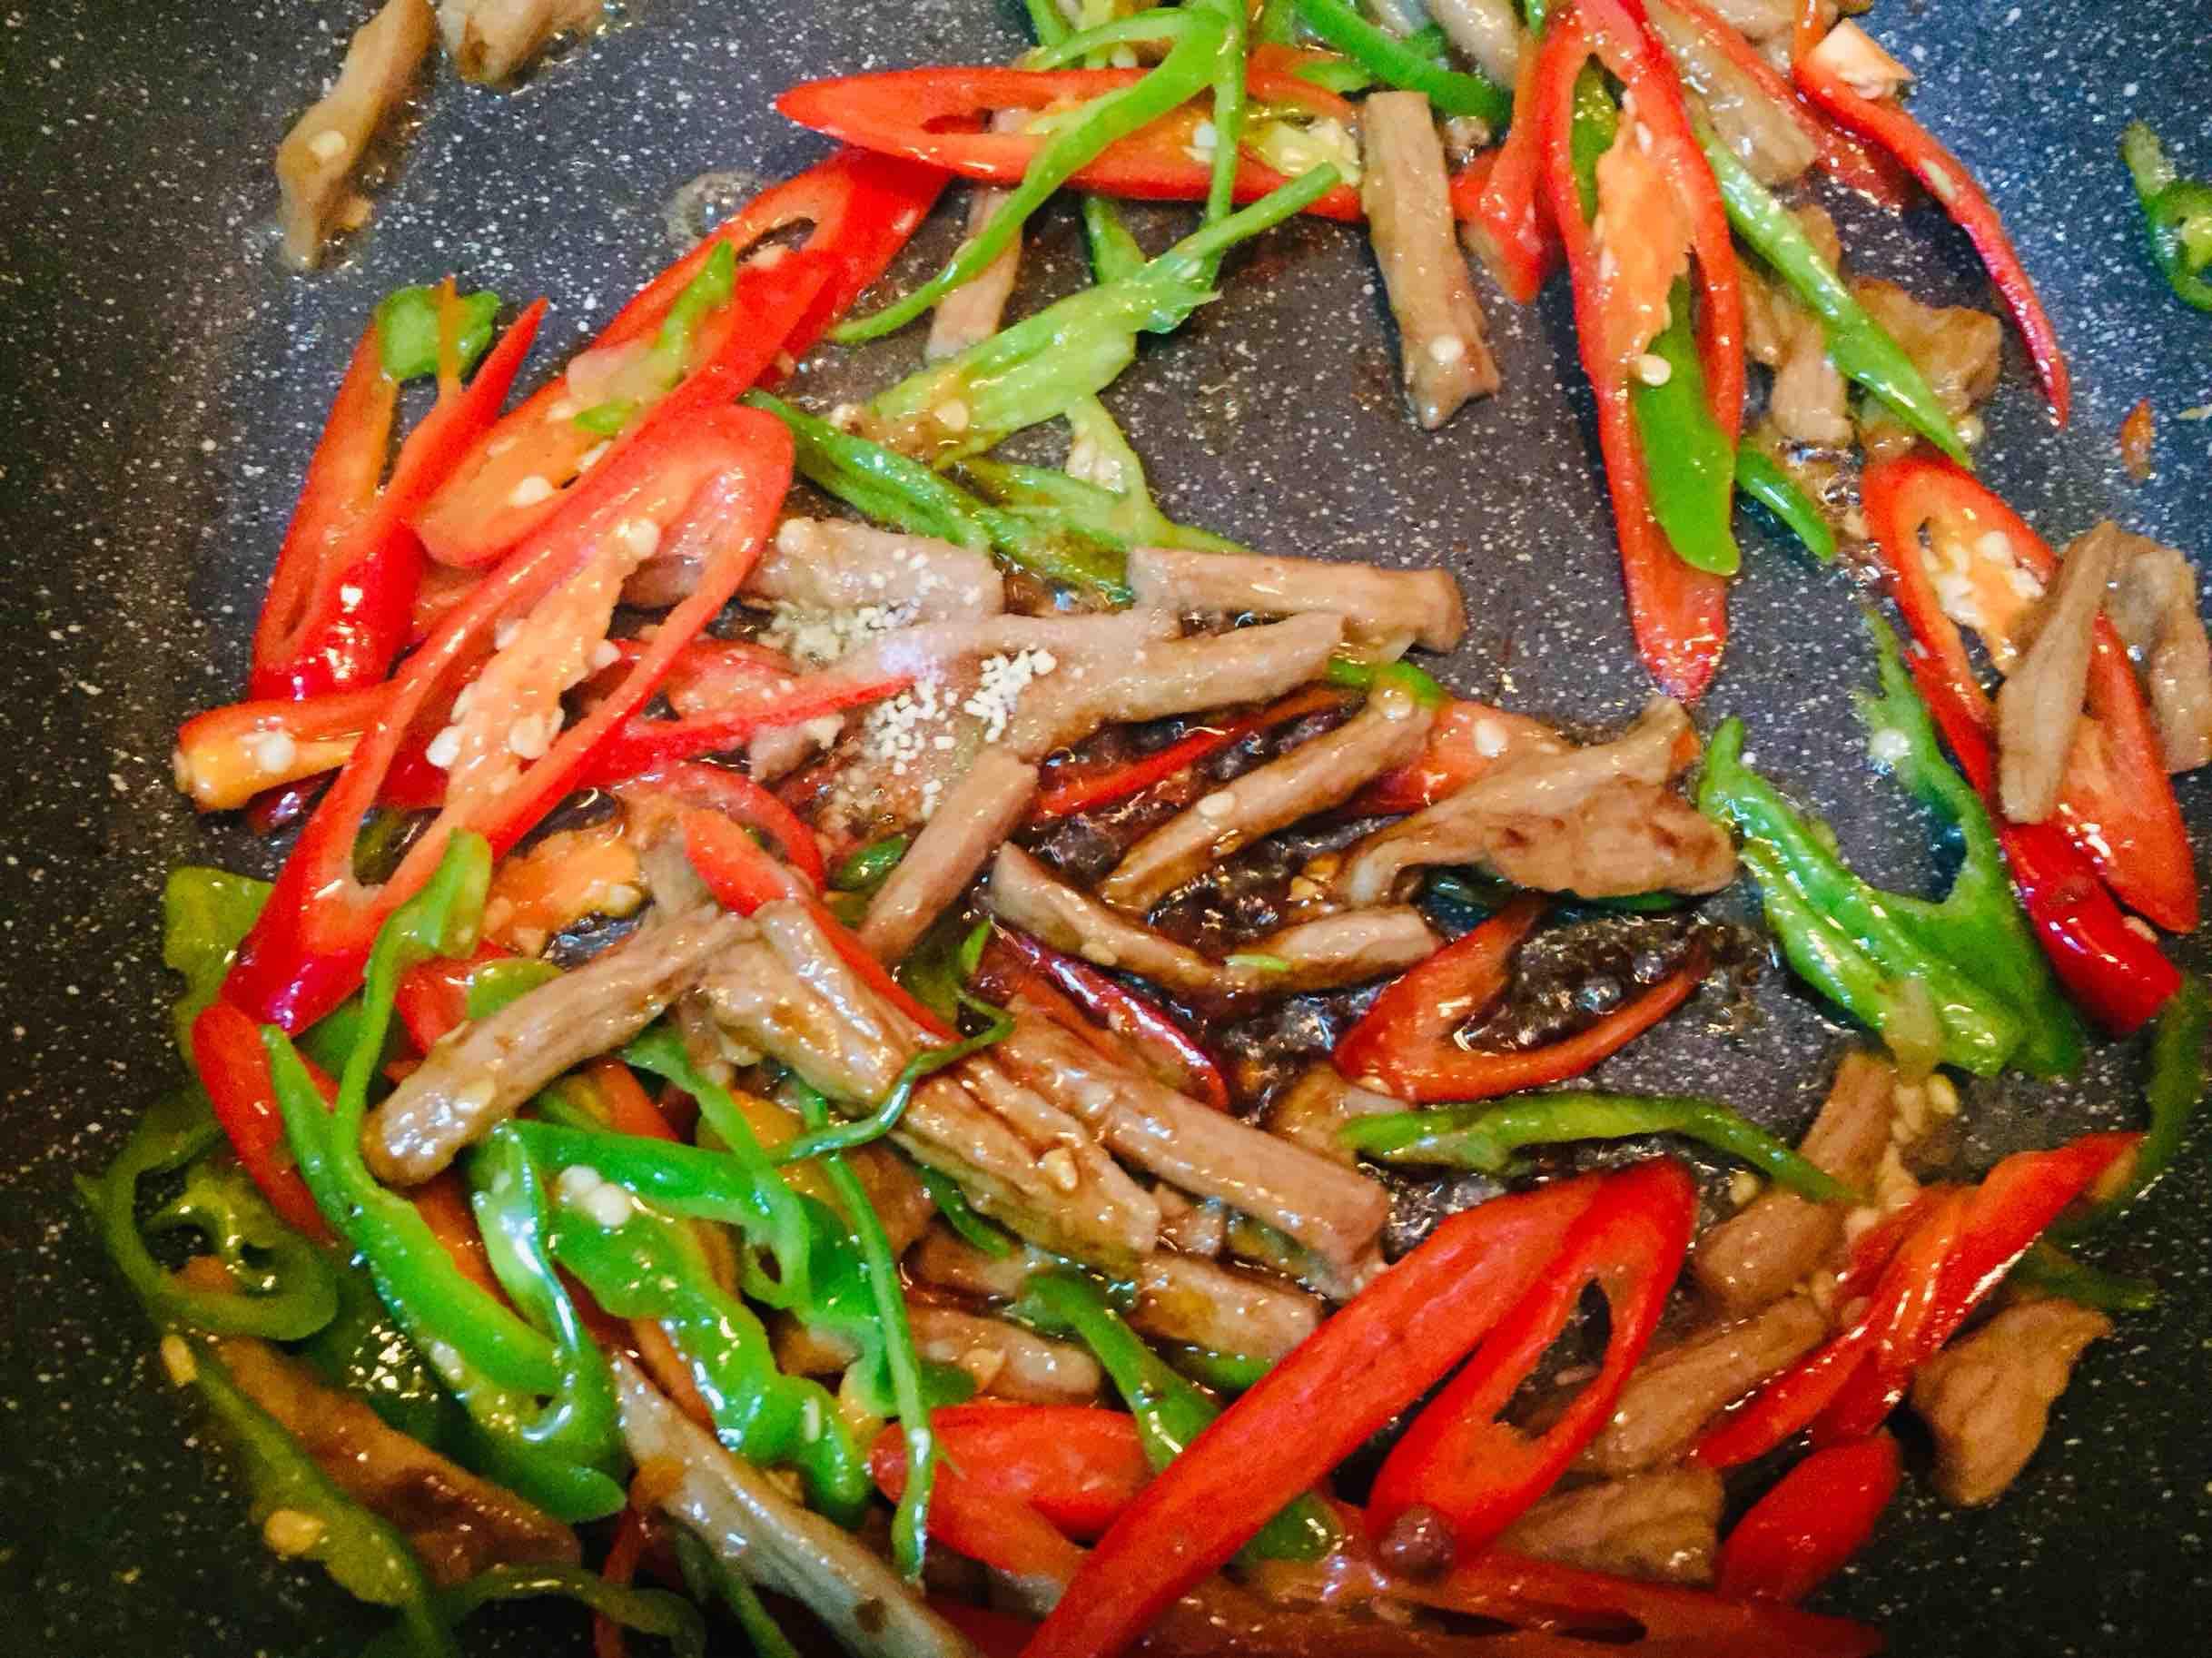 竹笋炒肉怎么炒